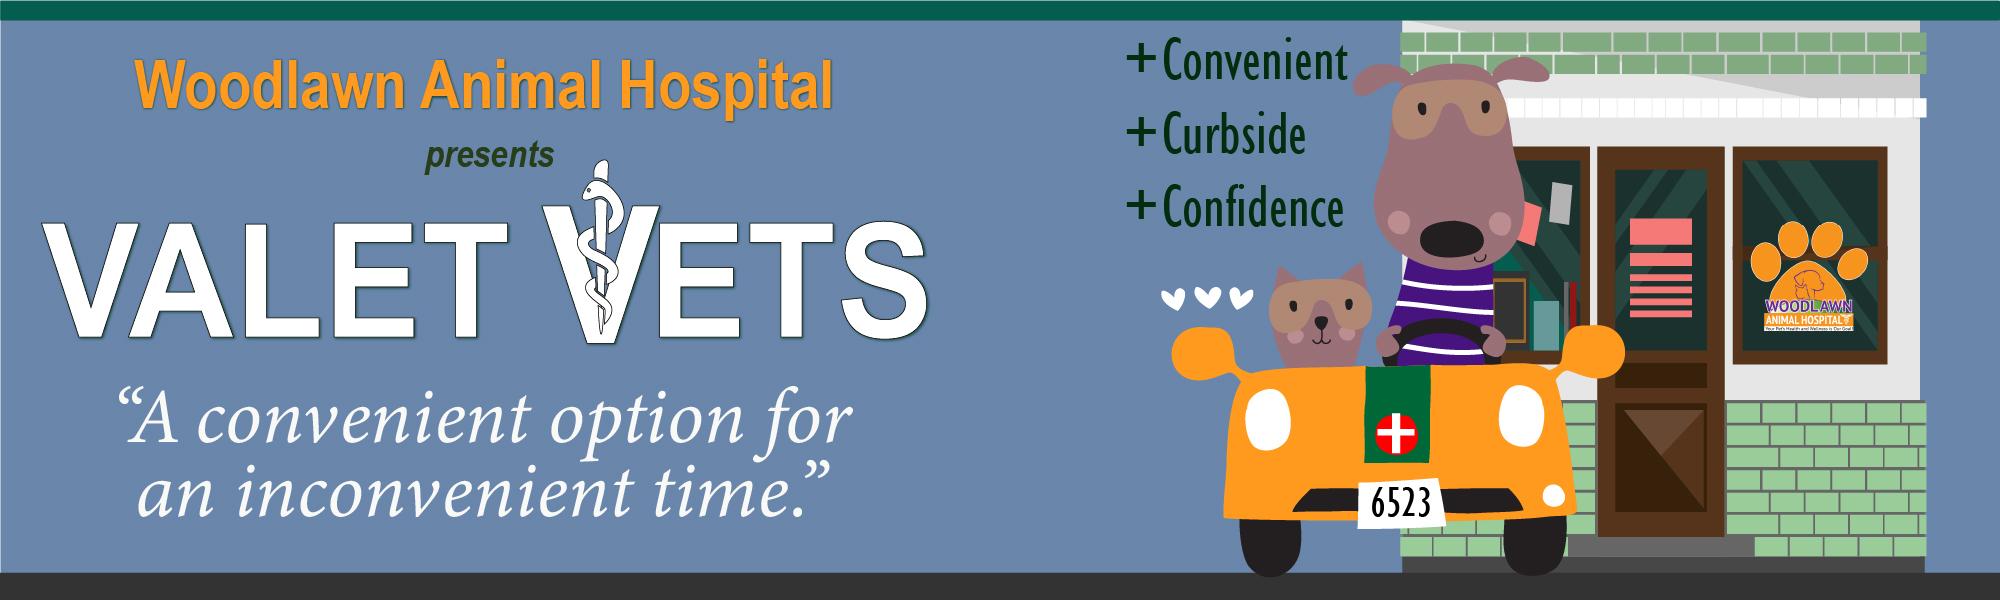 Valet Vets makes pet care convenient car service